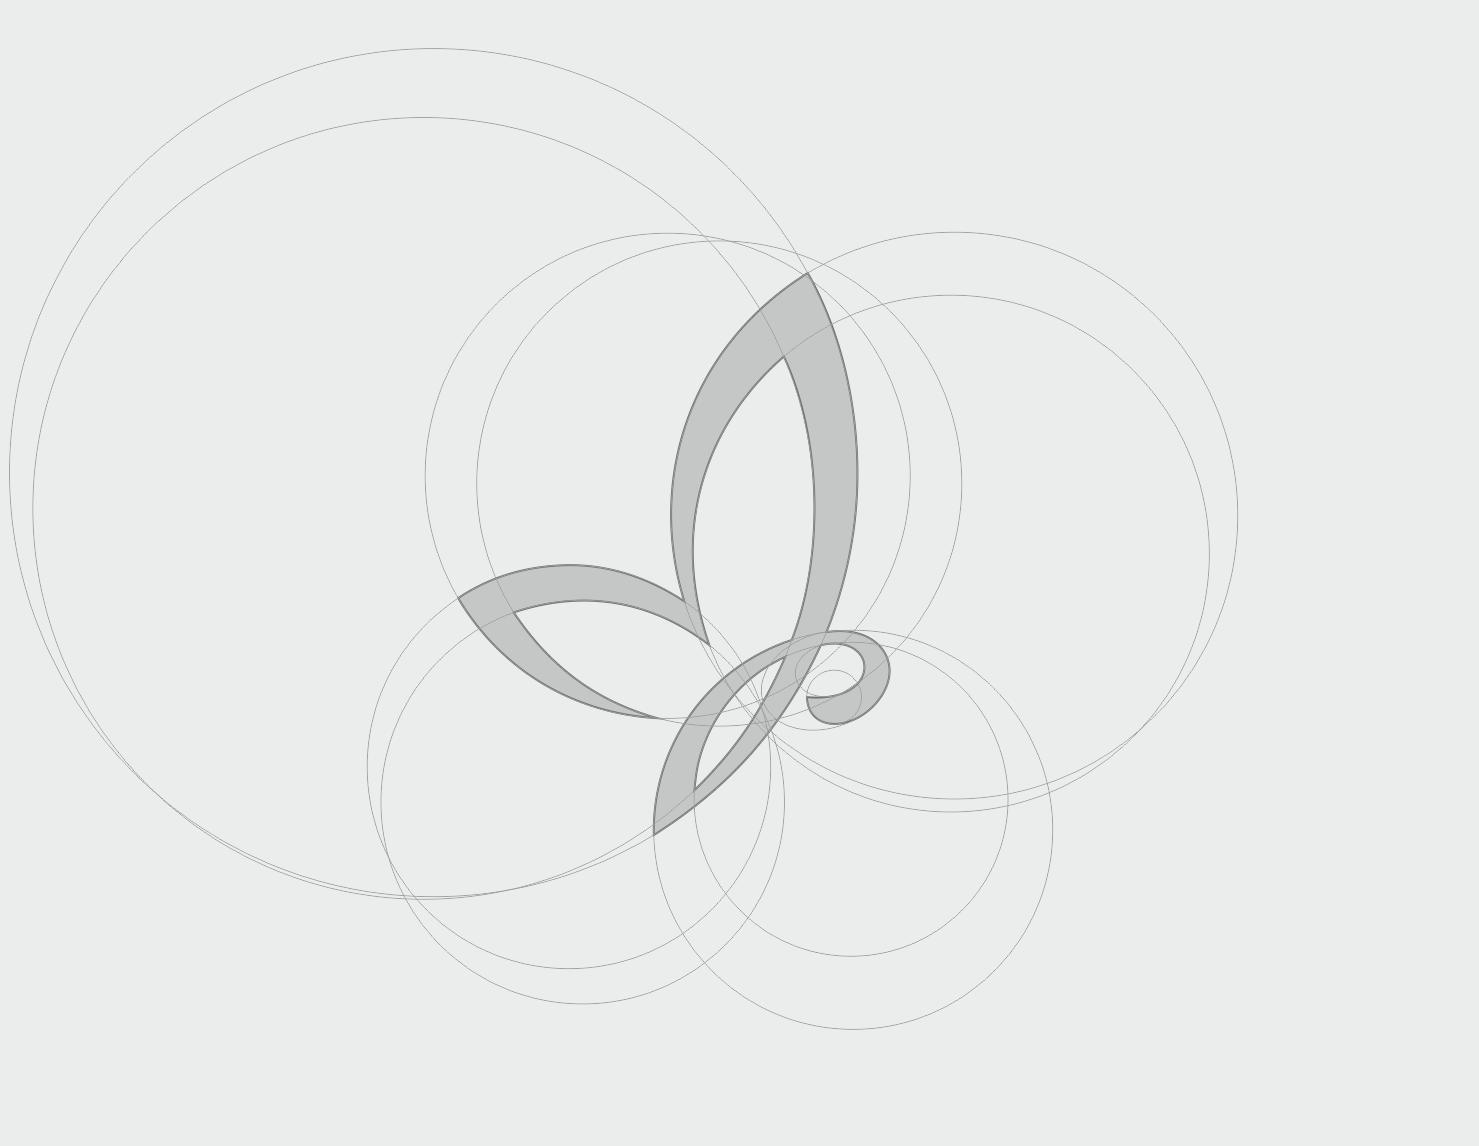 Разработка пакета айдентики Plastix.Media фото f_6705987c3b1df39f.png